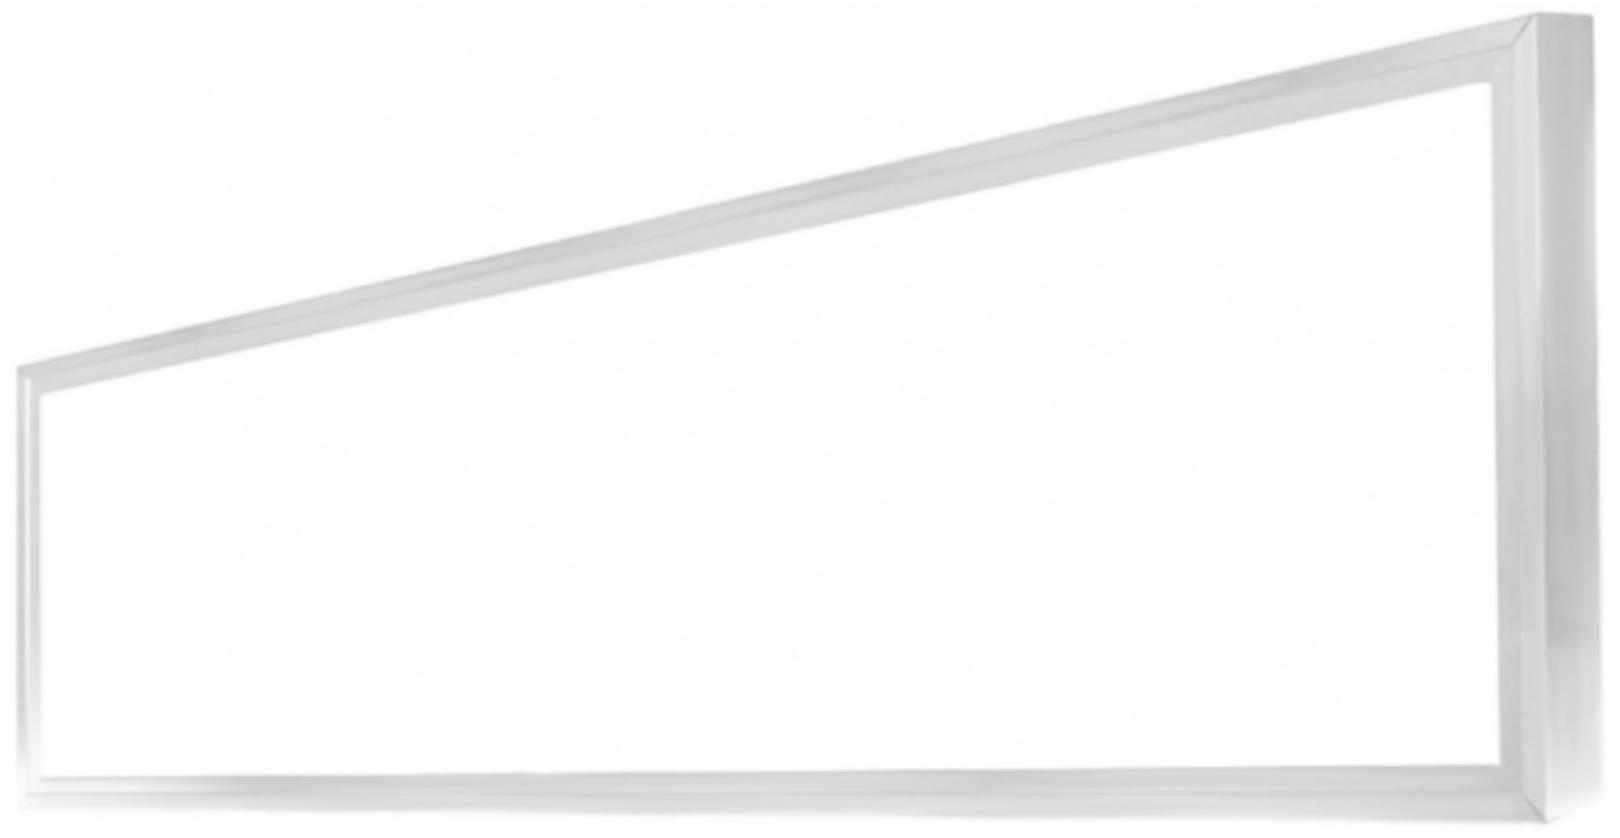 Weisser LED Panel mit Rahmen 300 x 1200mm 48W Tageslicht